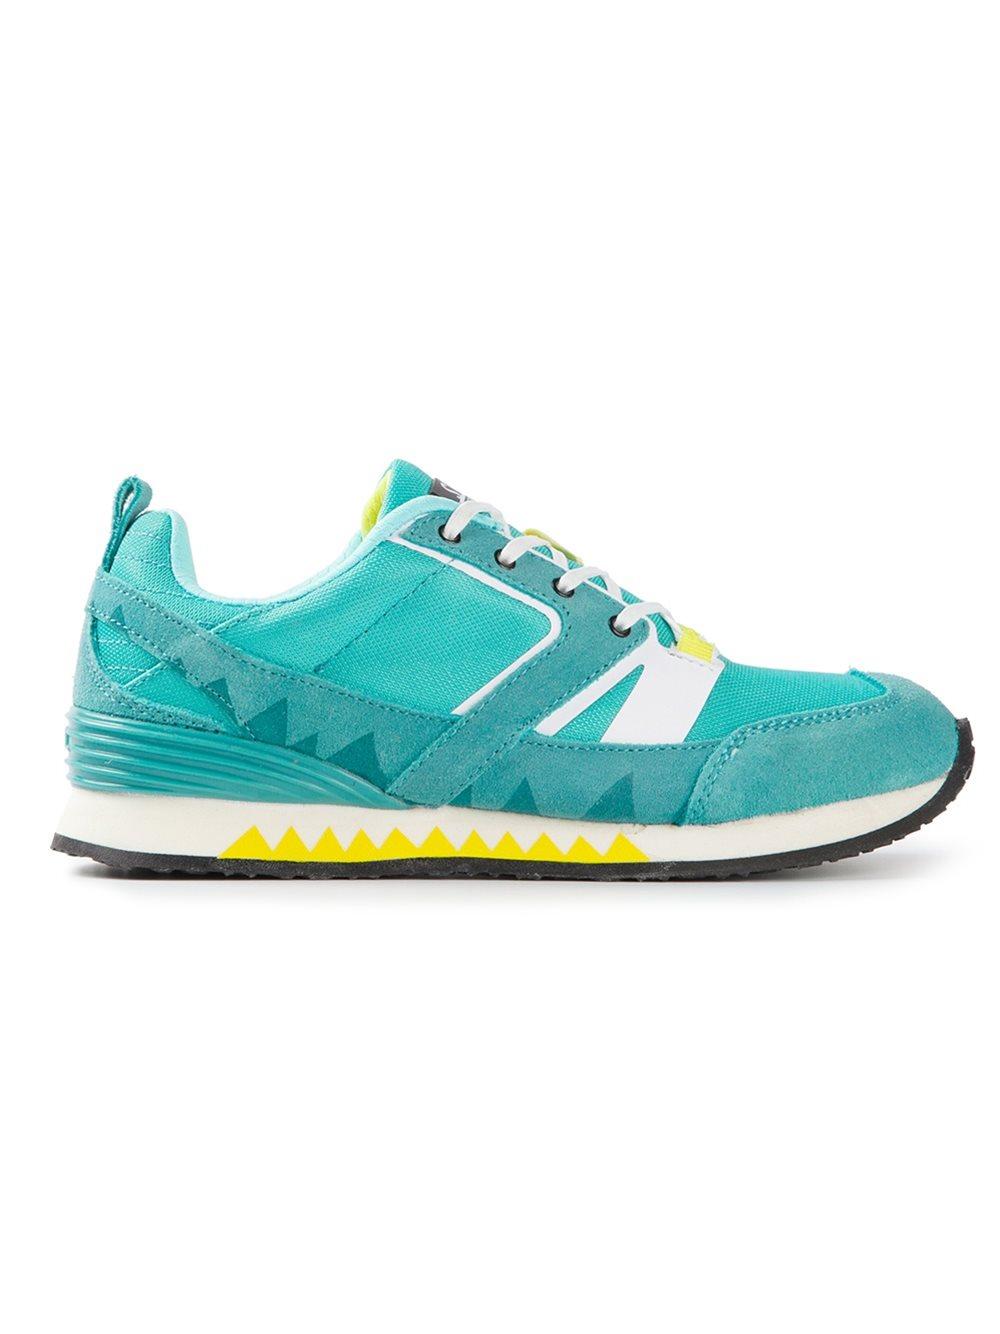 Volta 'pista' sneakers $69.40